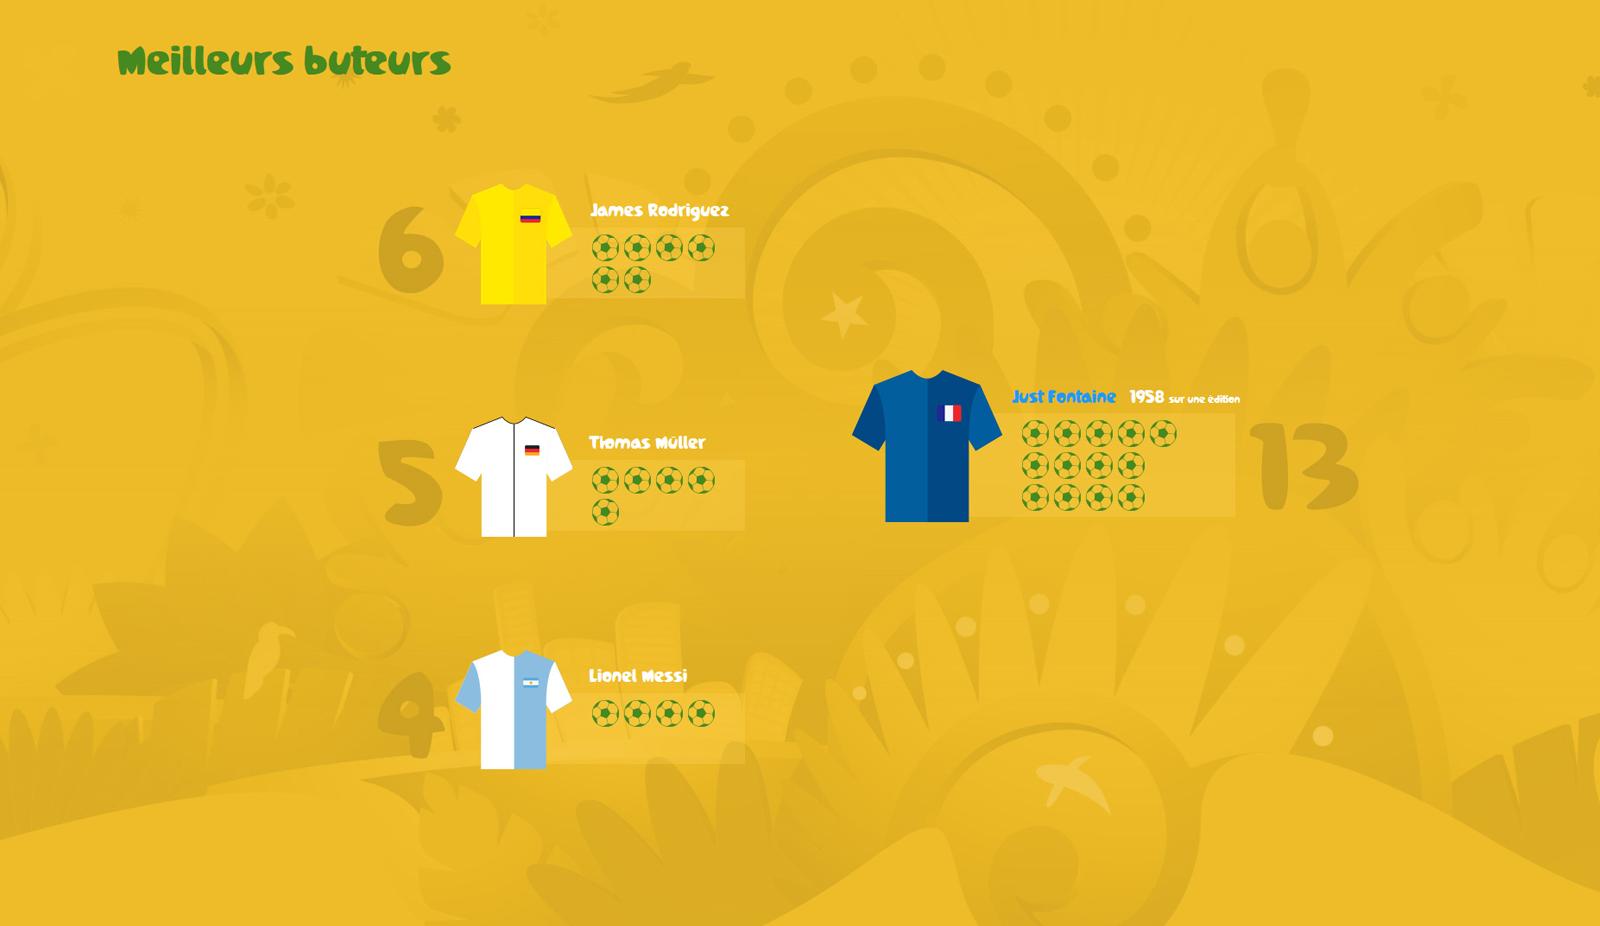 Br sil 2014 coupe du monde infographie parallaxe - Meilleur buteur coupe du monde 1994 ...